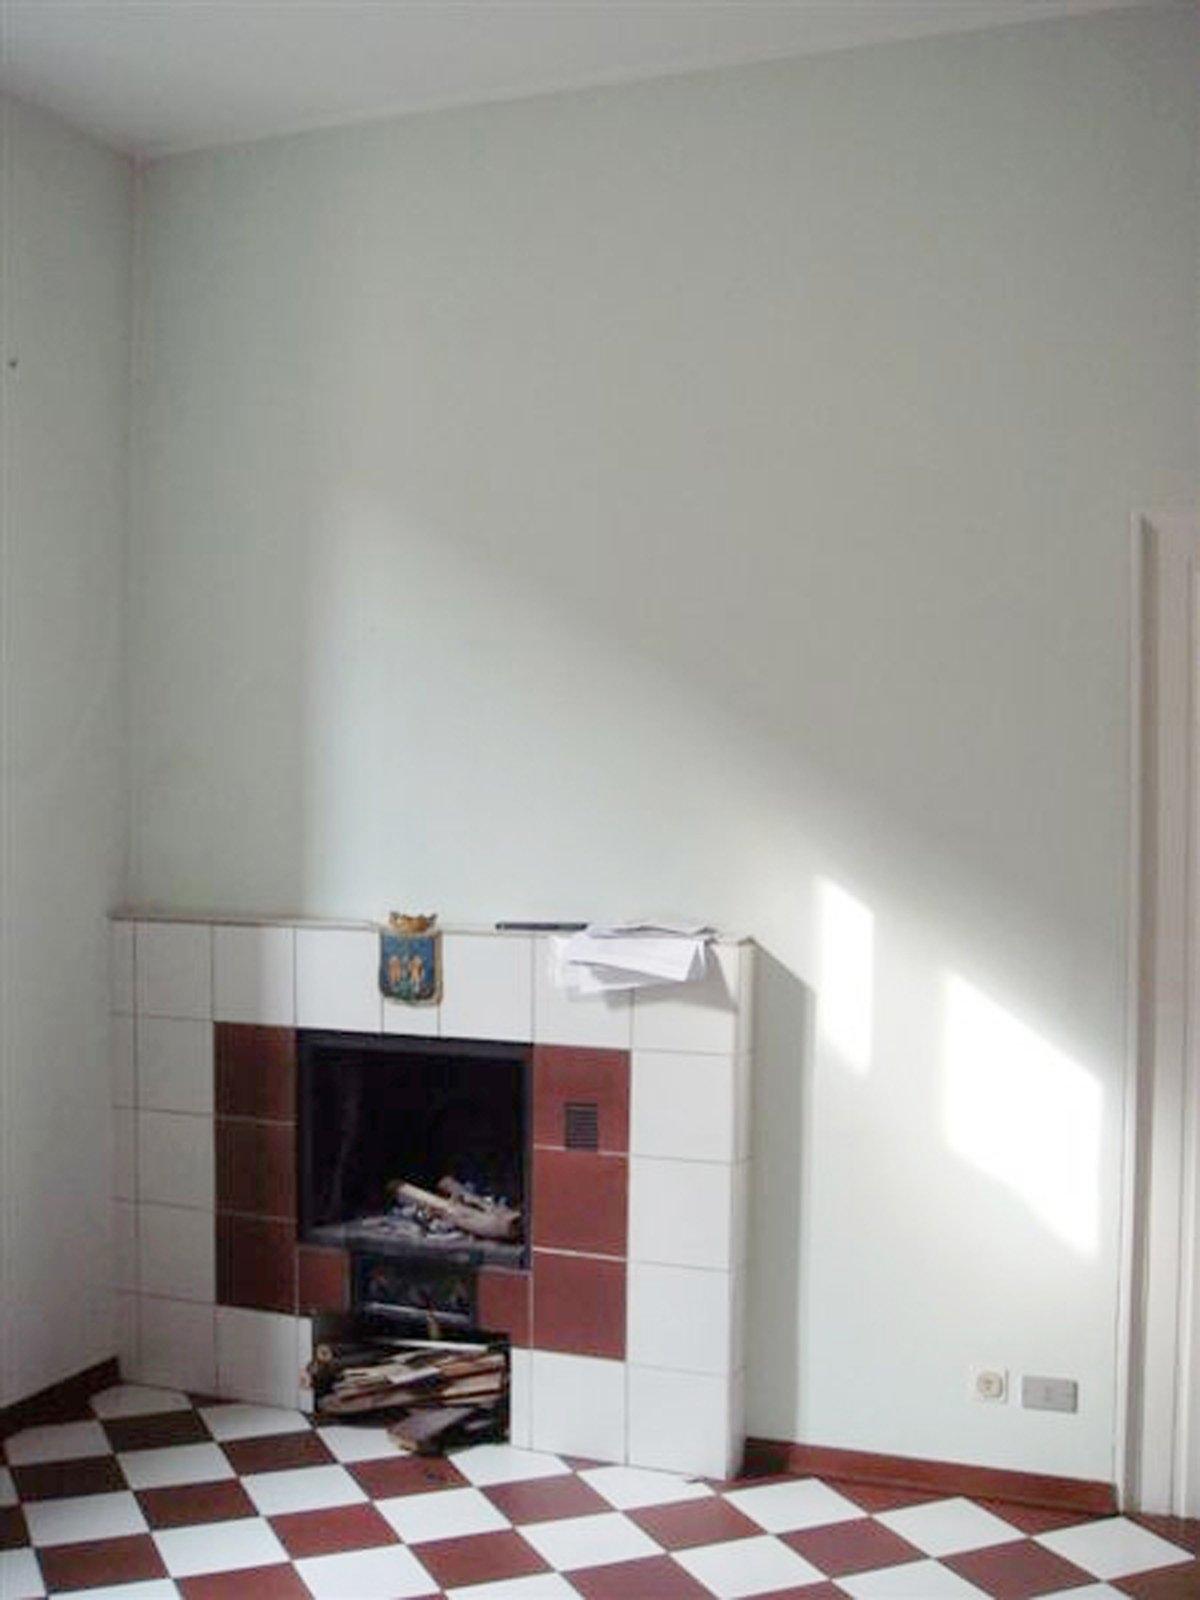 70 mq casa con veranda cose di casa for Disegni camino casa